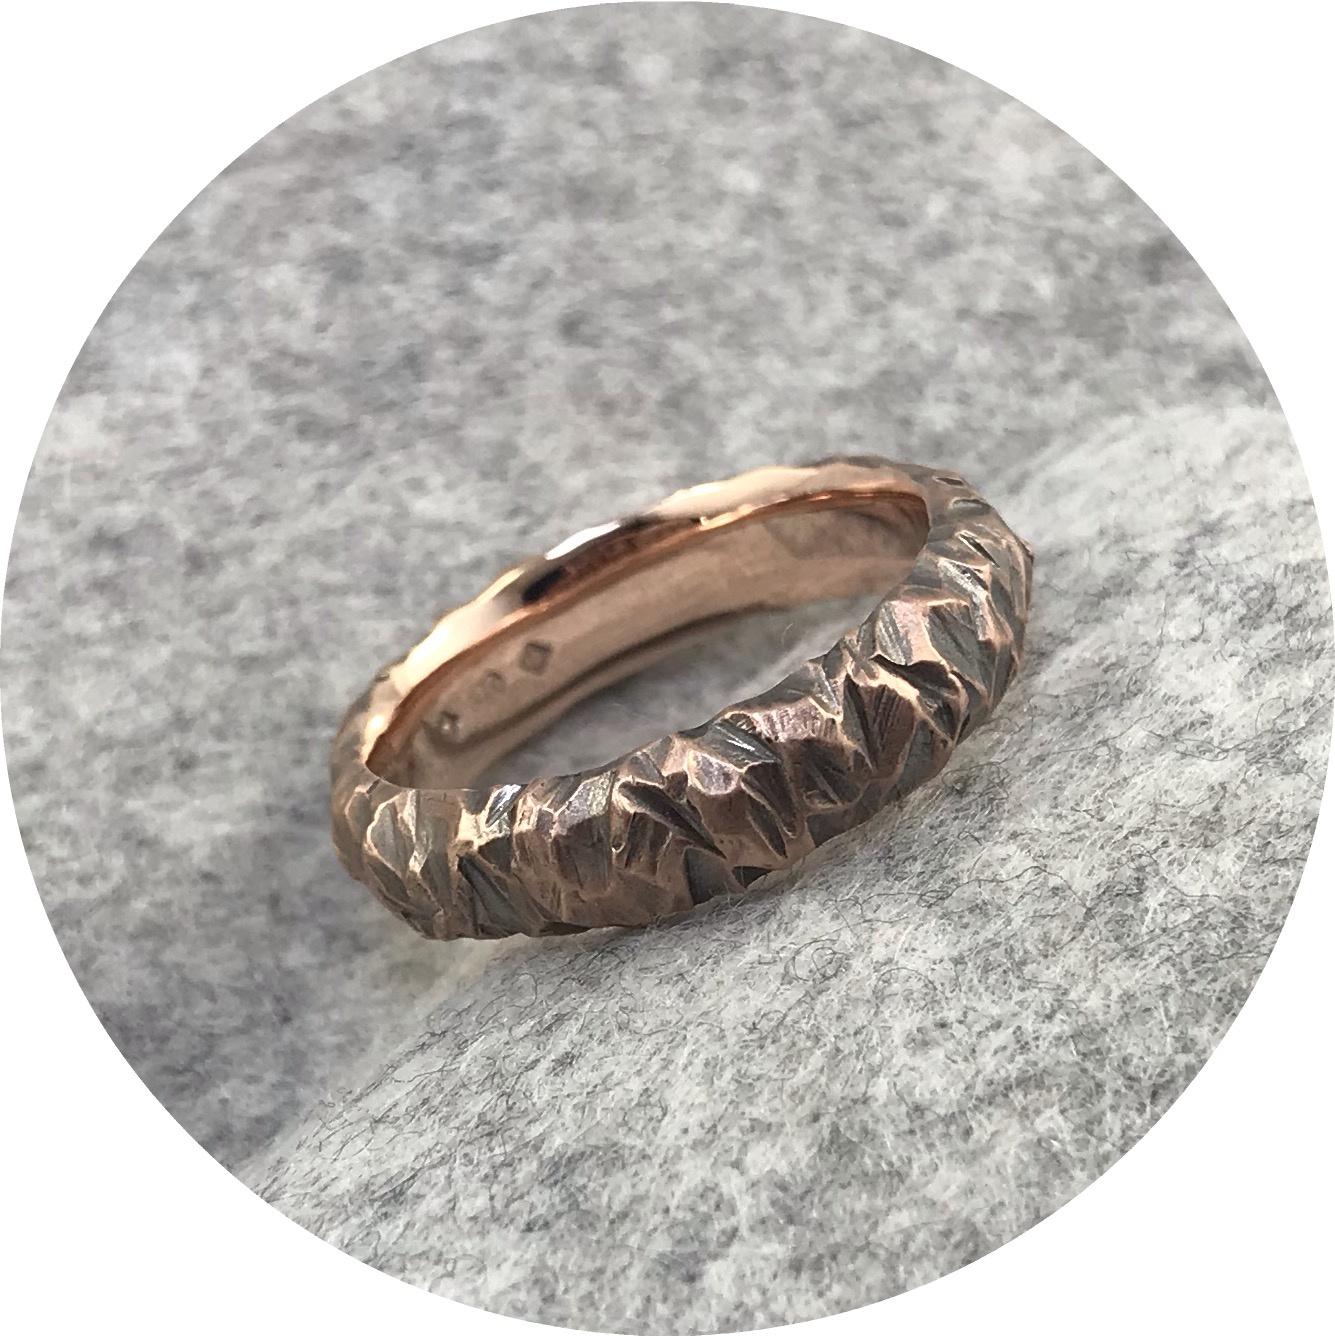 Emily Becher - 'Terrain Ring', 9ct rose gold, black ruthenium plated, T.5